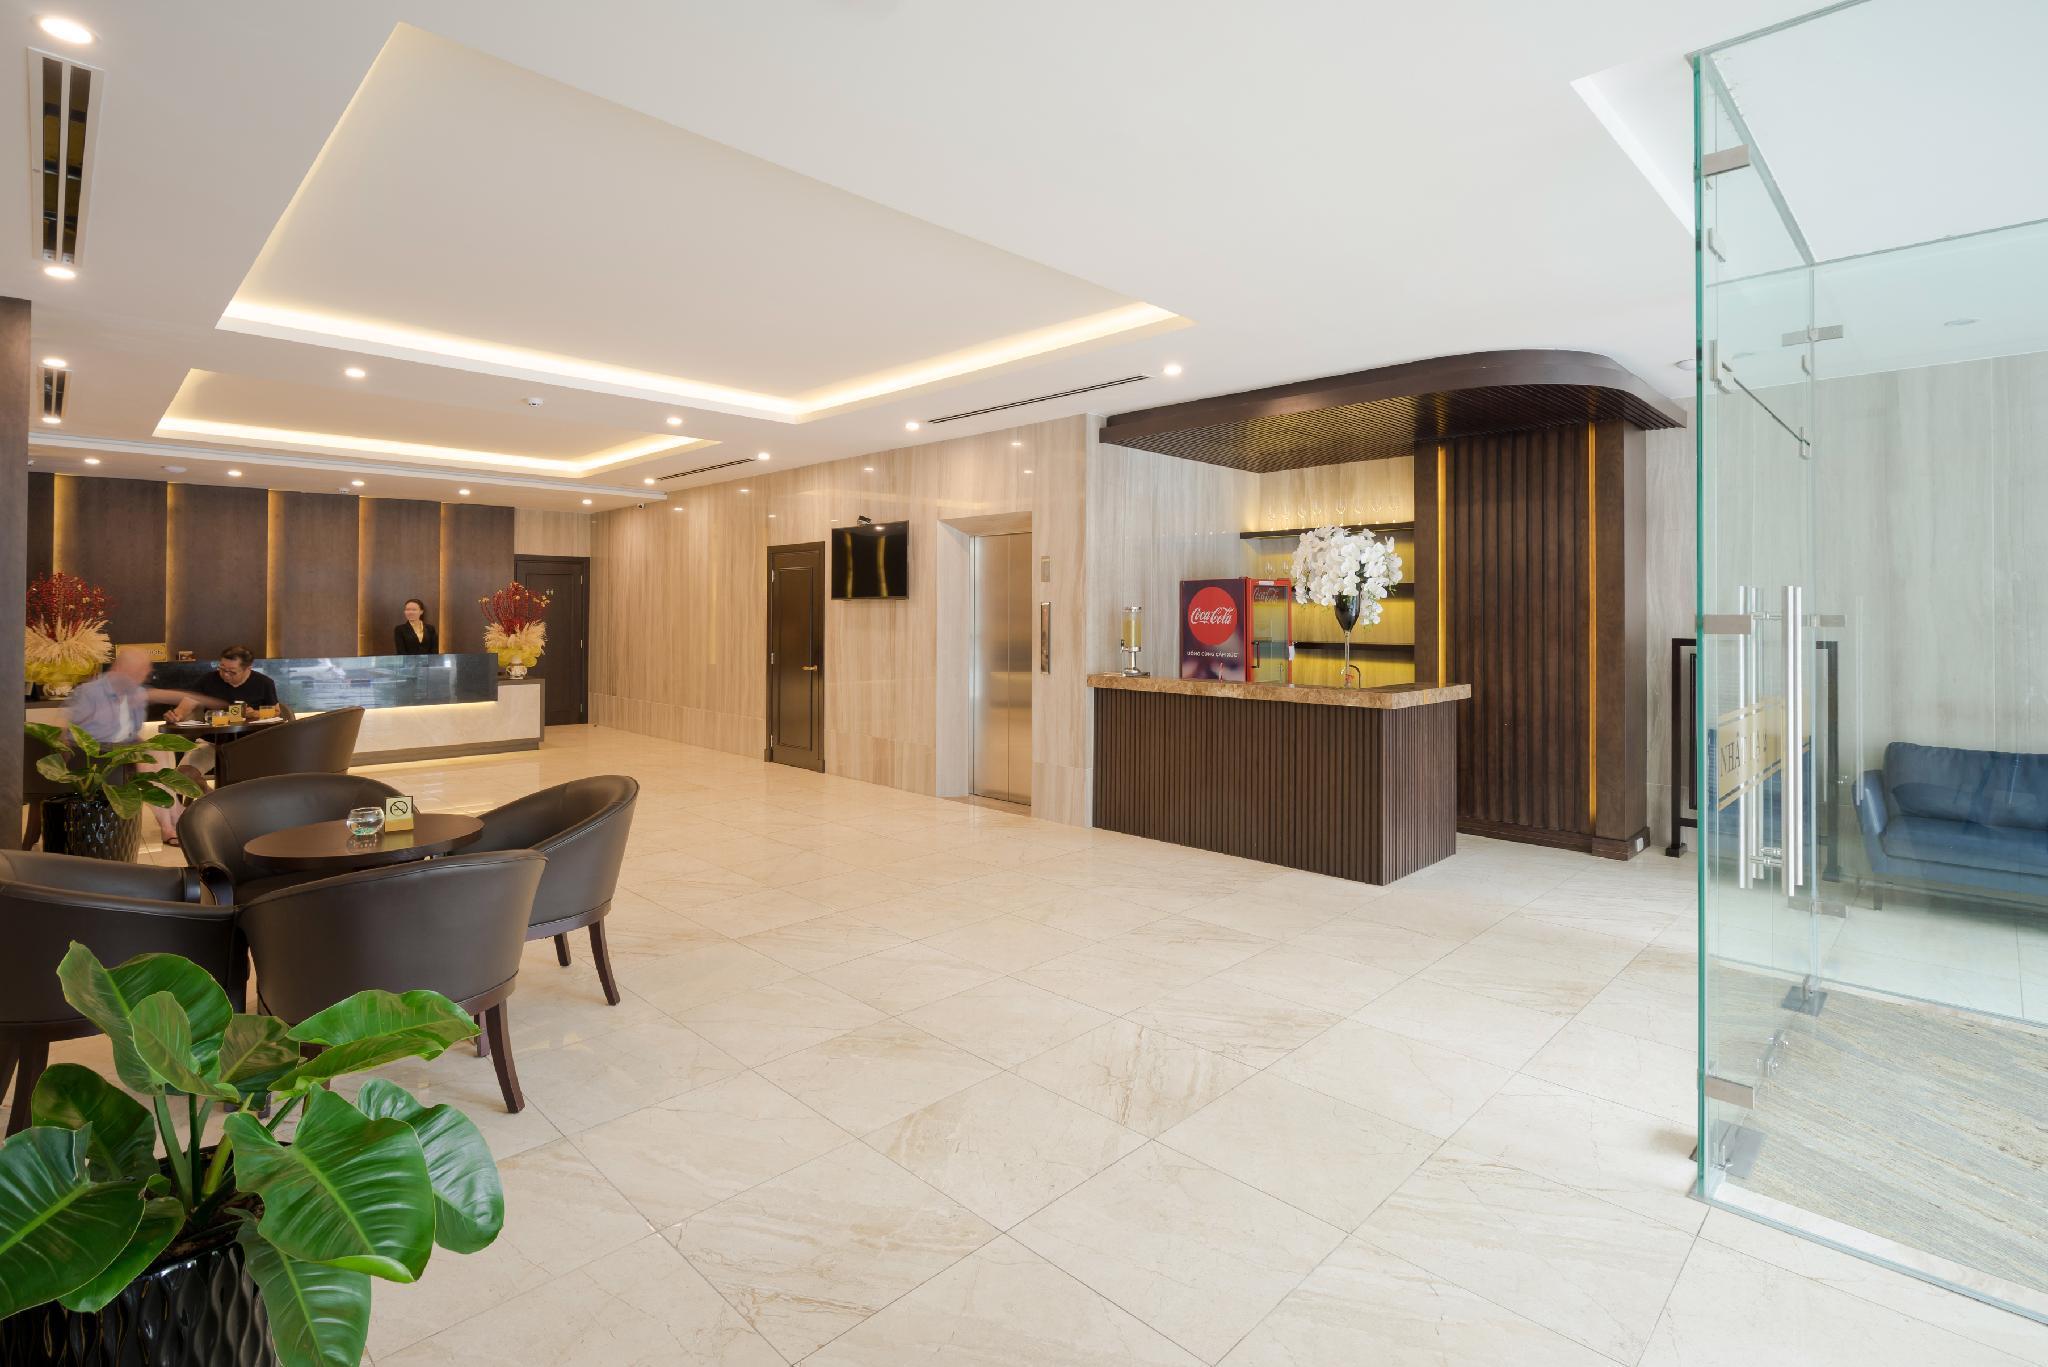 Khách Sạn Nhật Hạ 2 Hồ Chí Minh